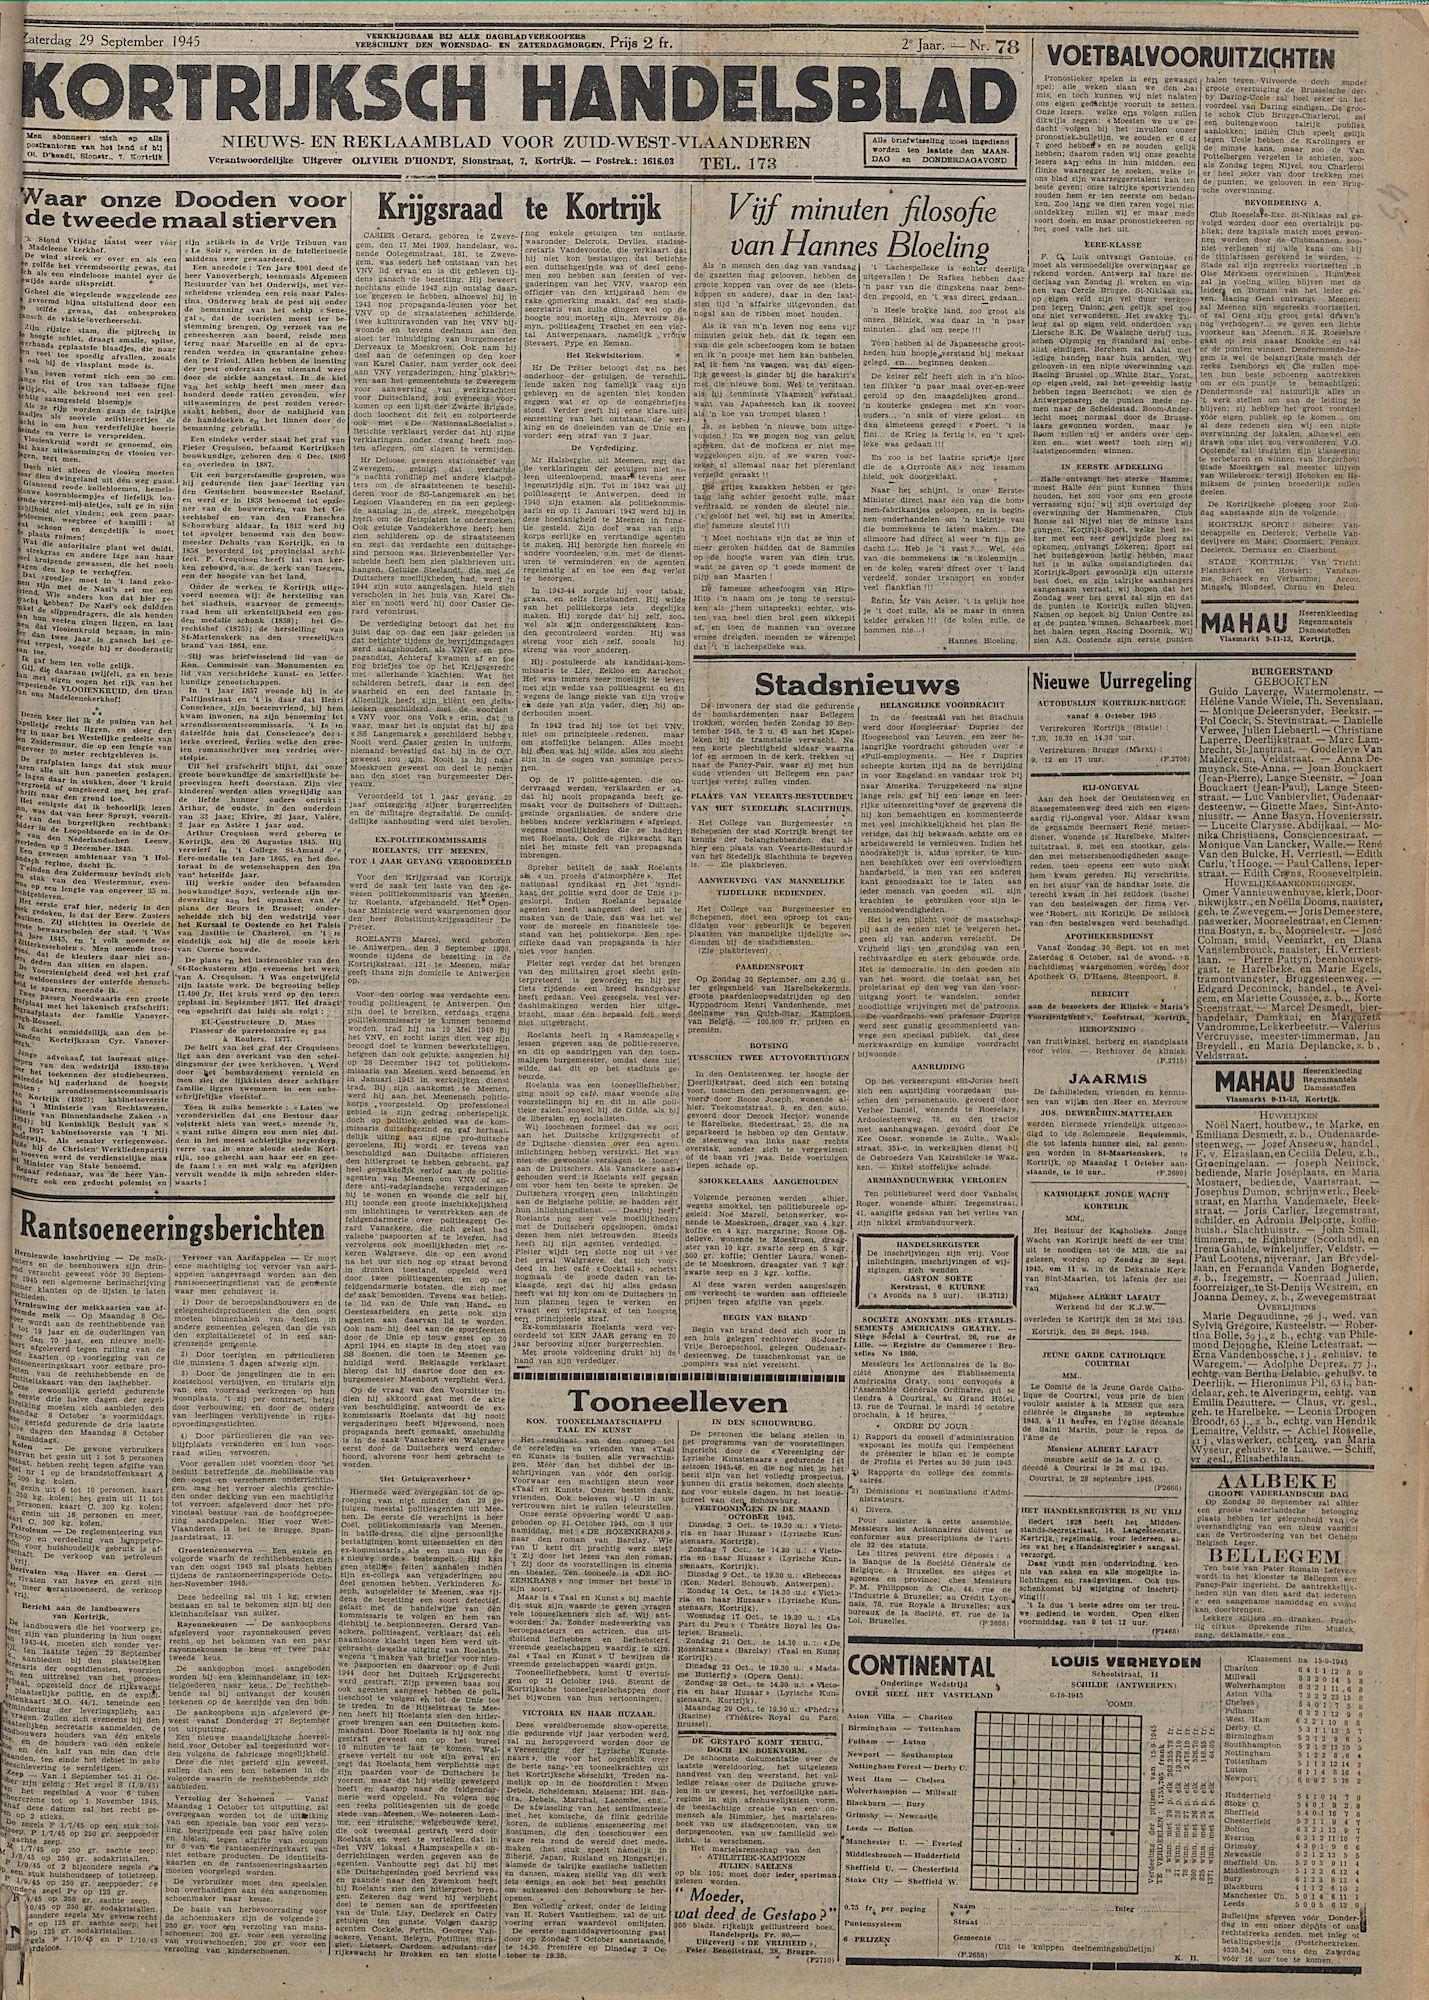 Kortrijksch Handelsblad 29 september 1945 Nr78 p1